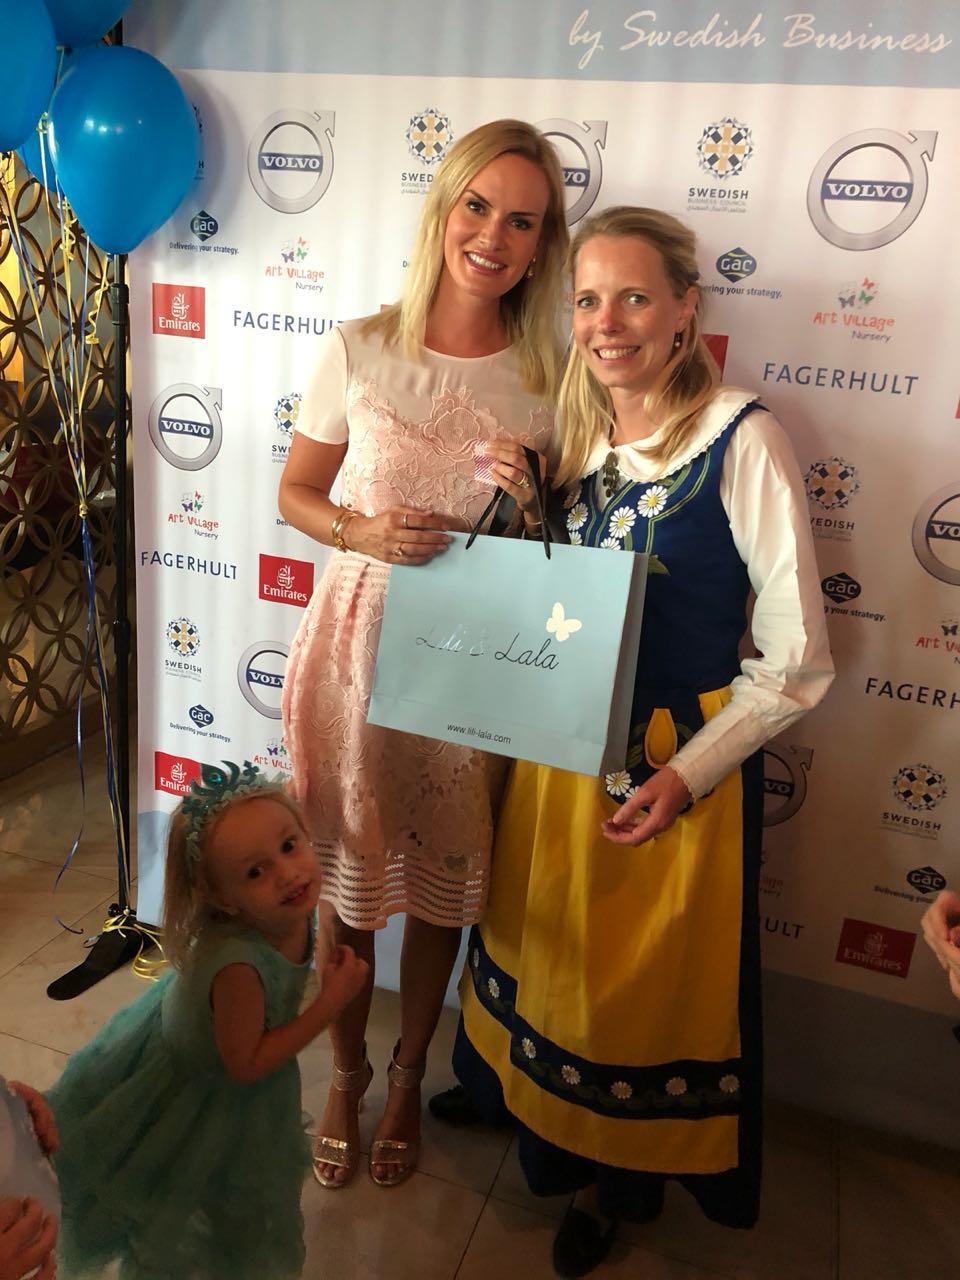 Lisette Ullman won the Lili & Lala prize!